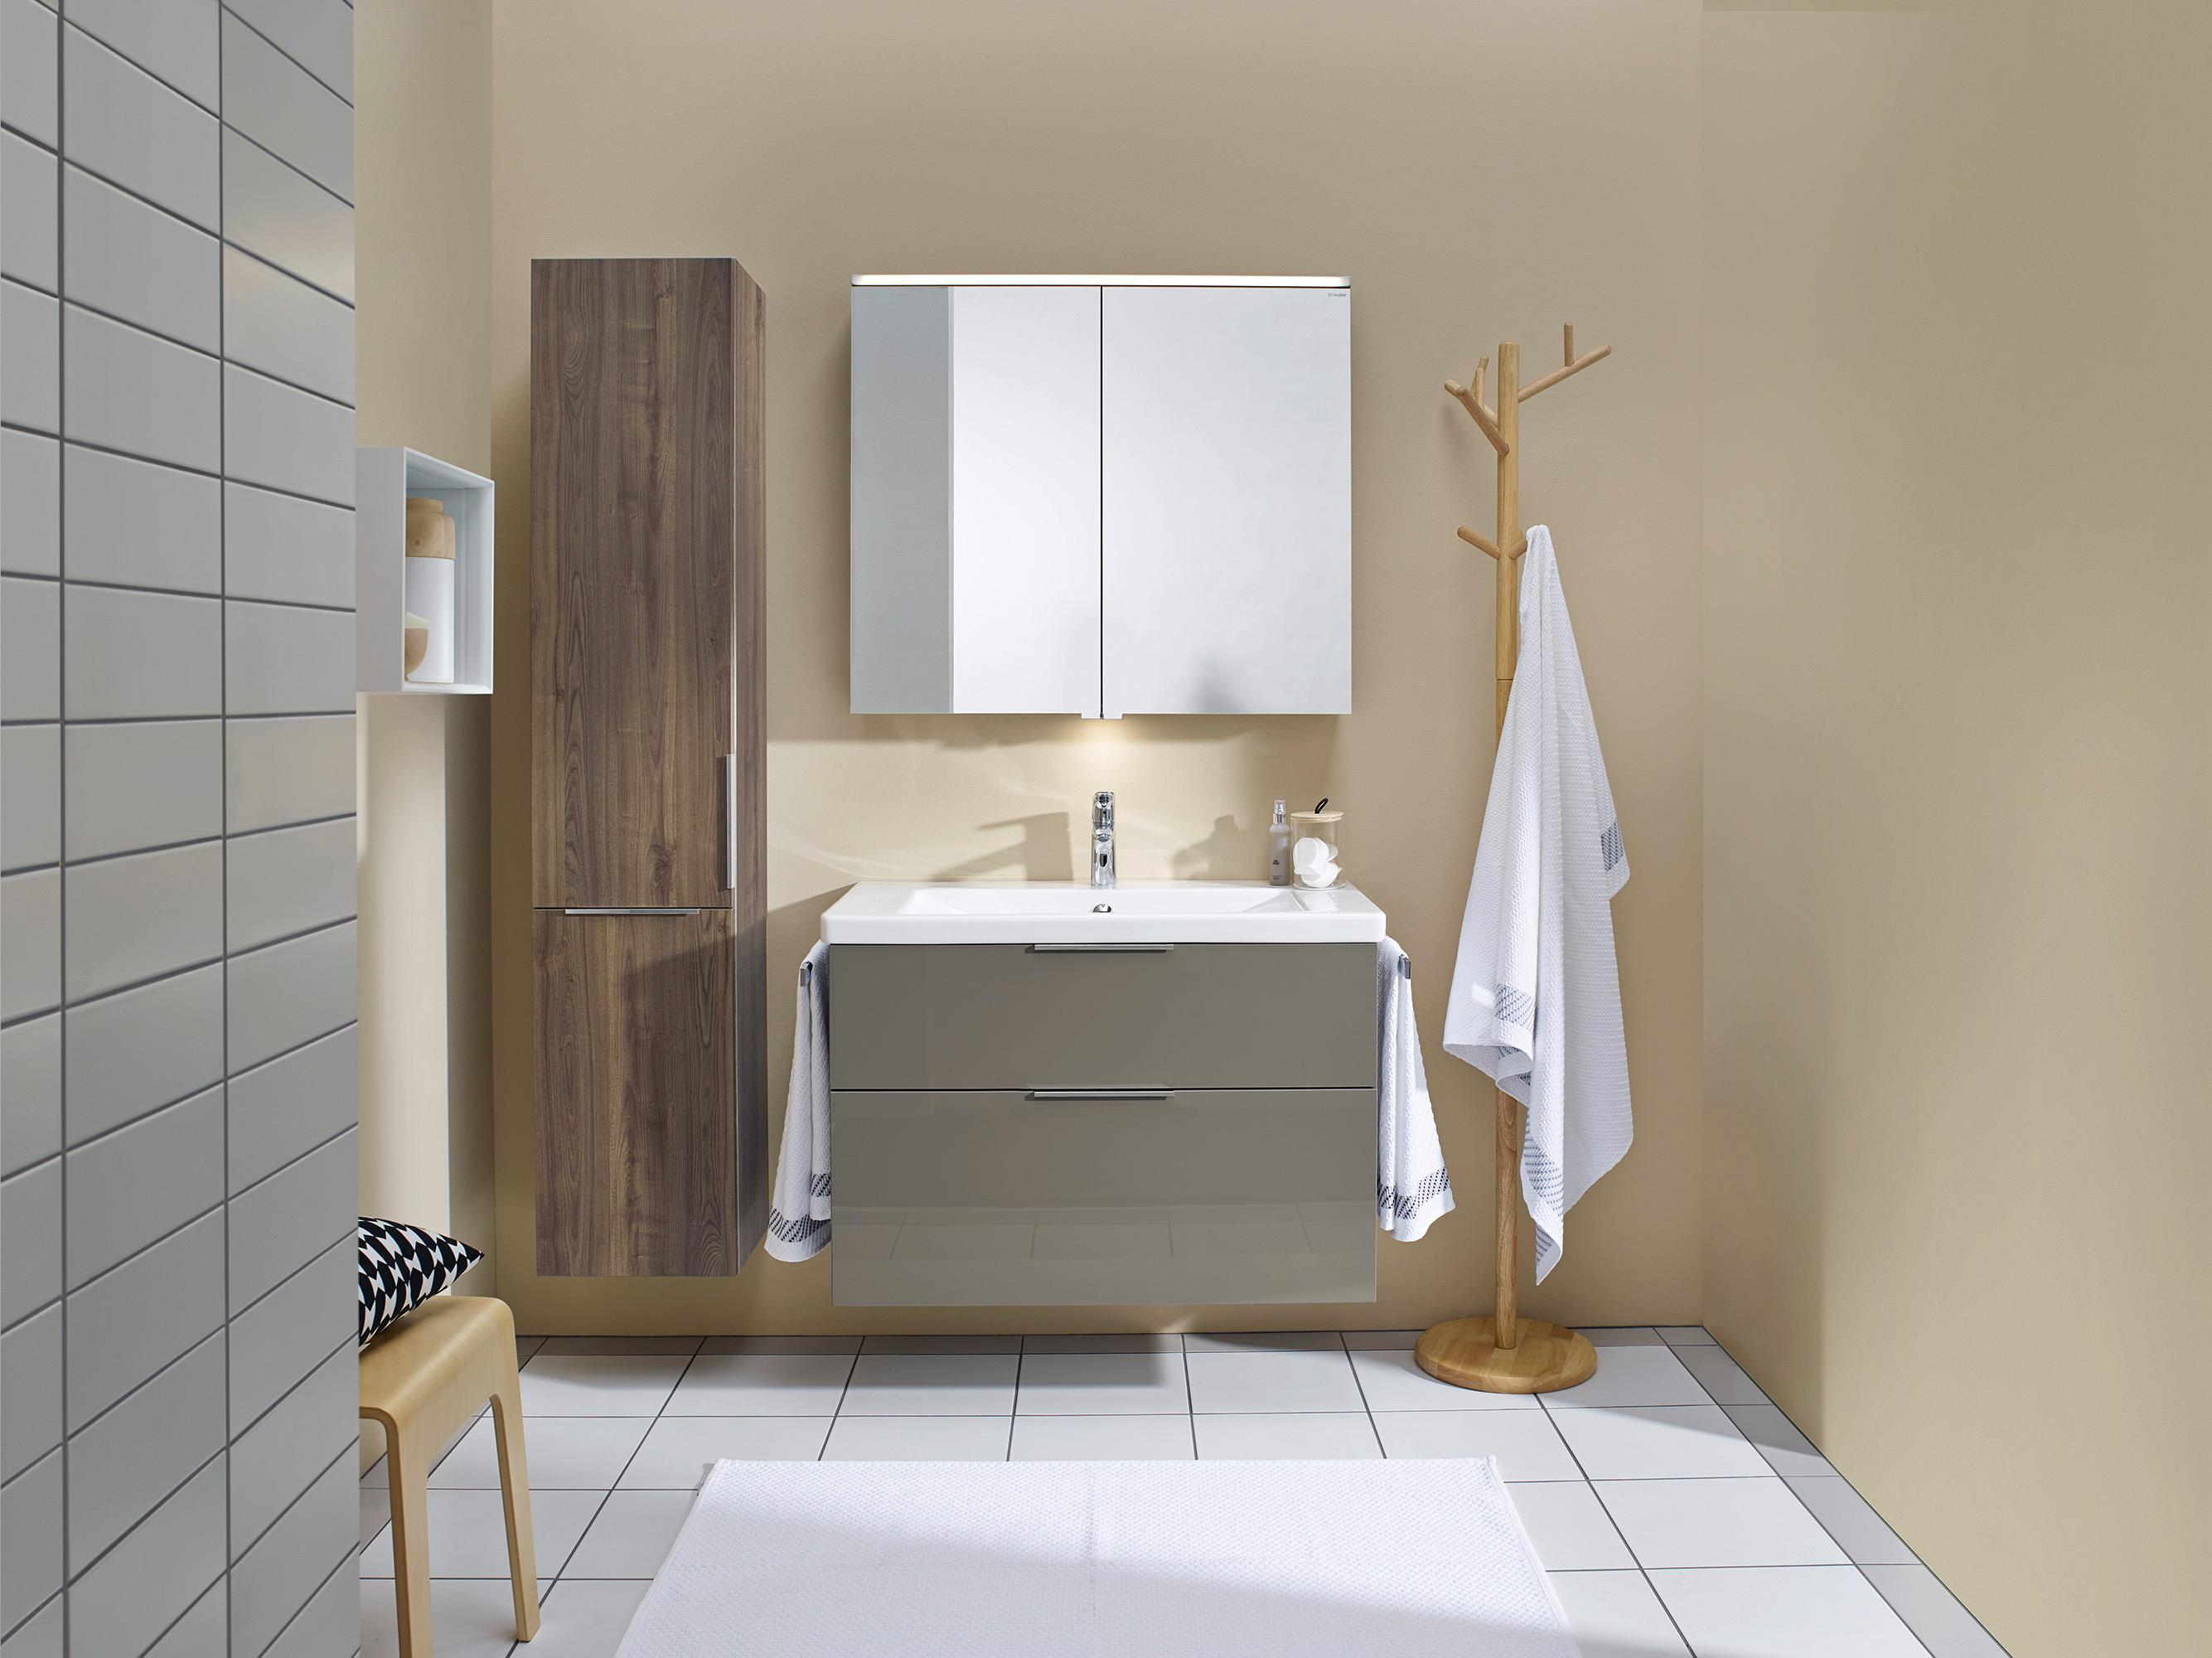 waschbecken • bilder & ideen • couchstyle, Wohnzimmer dekoo